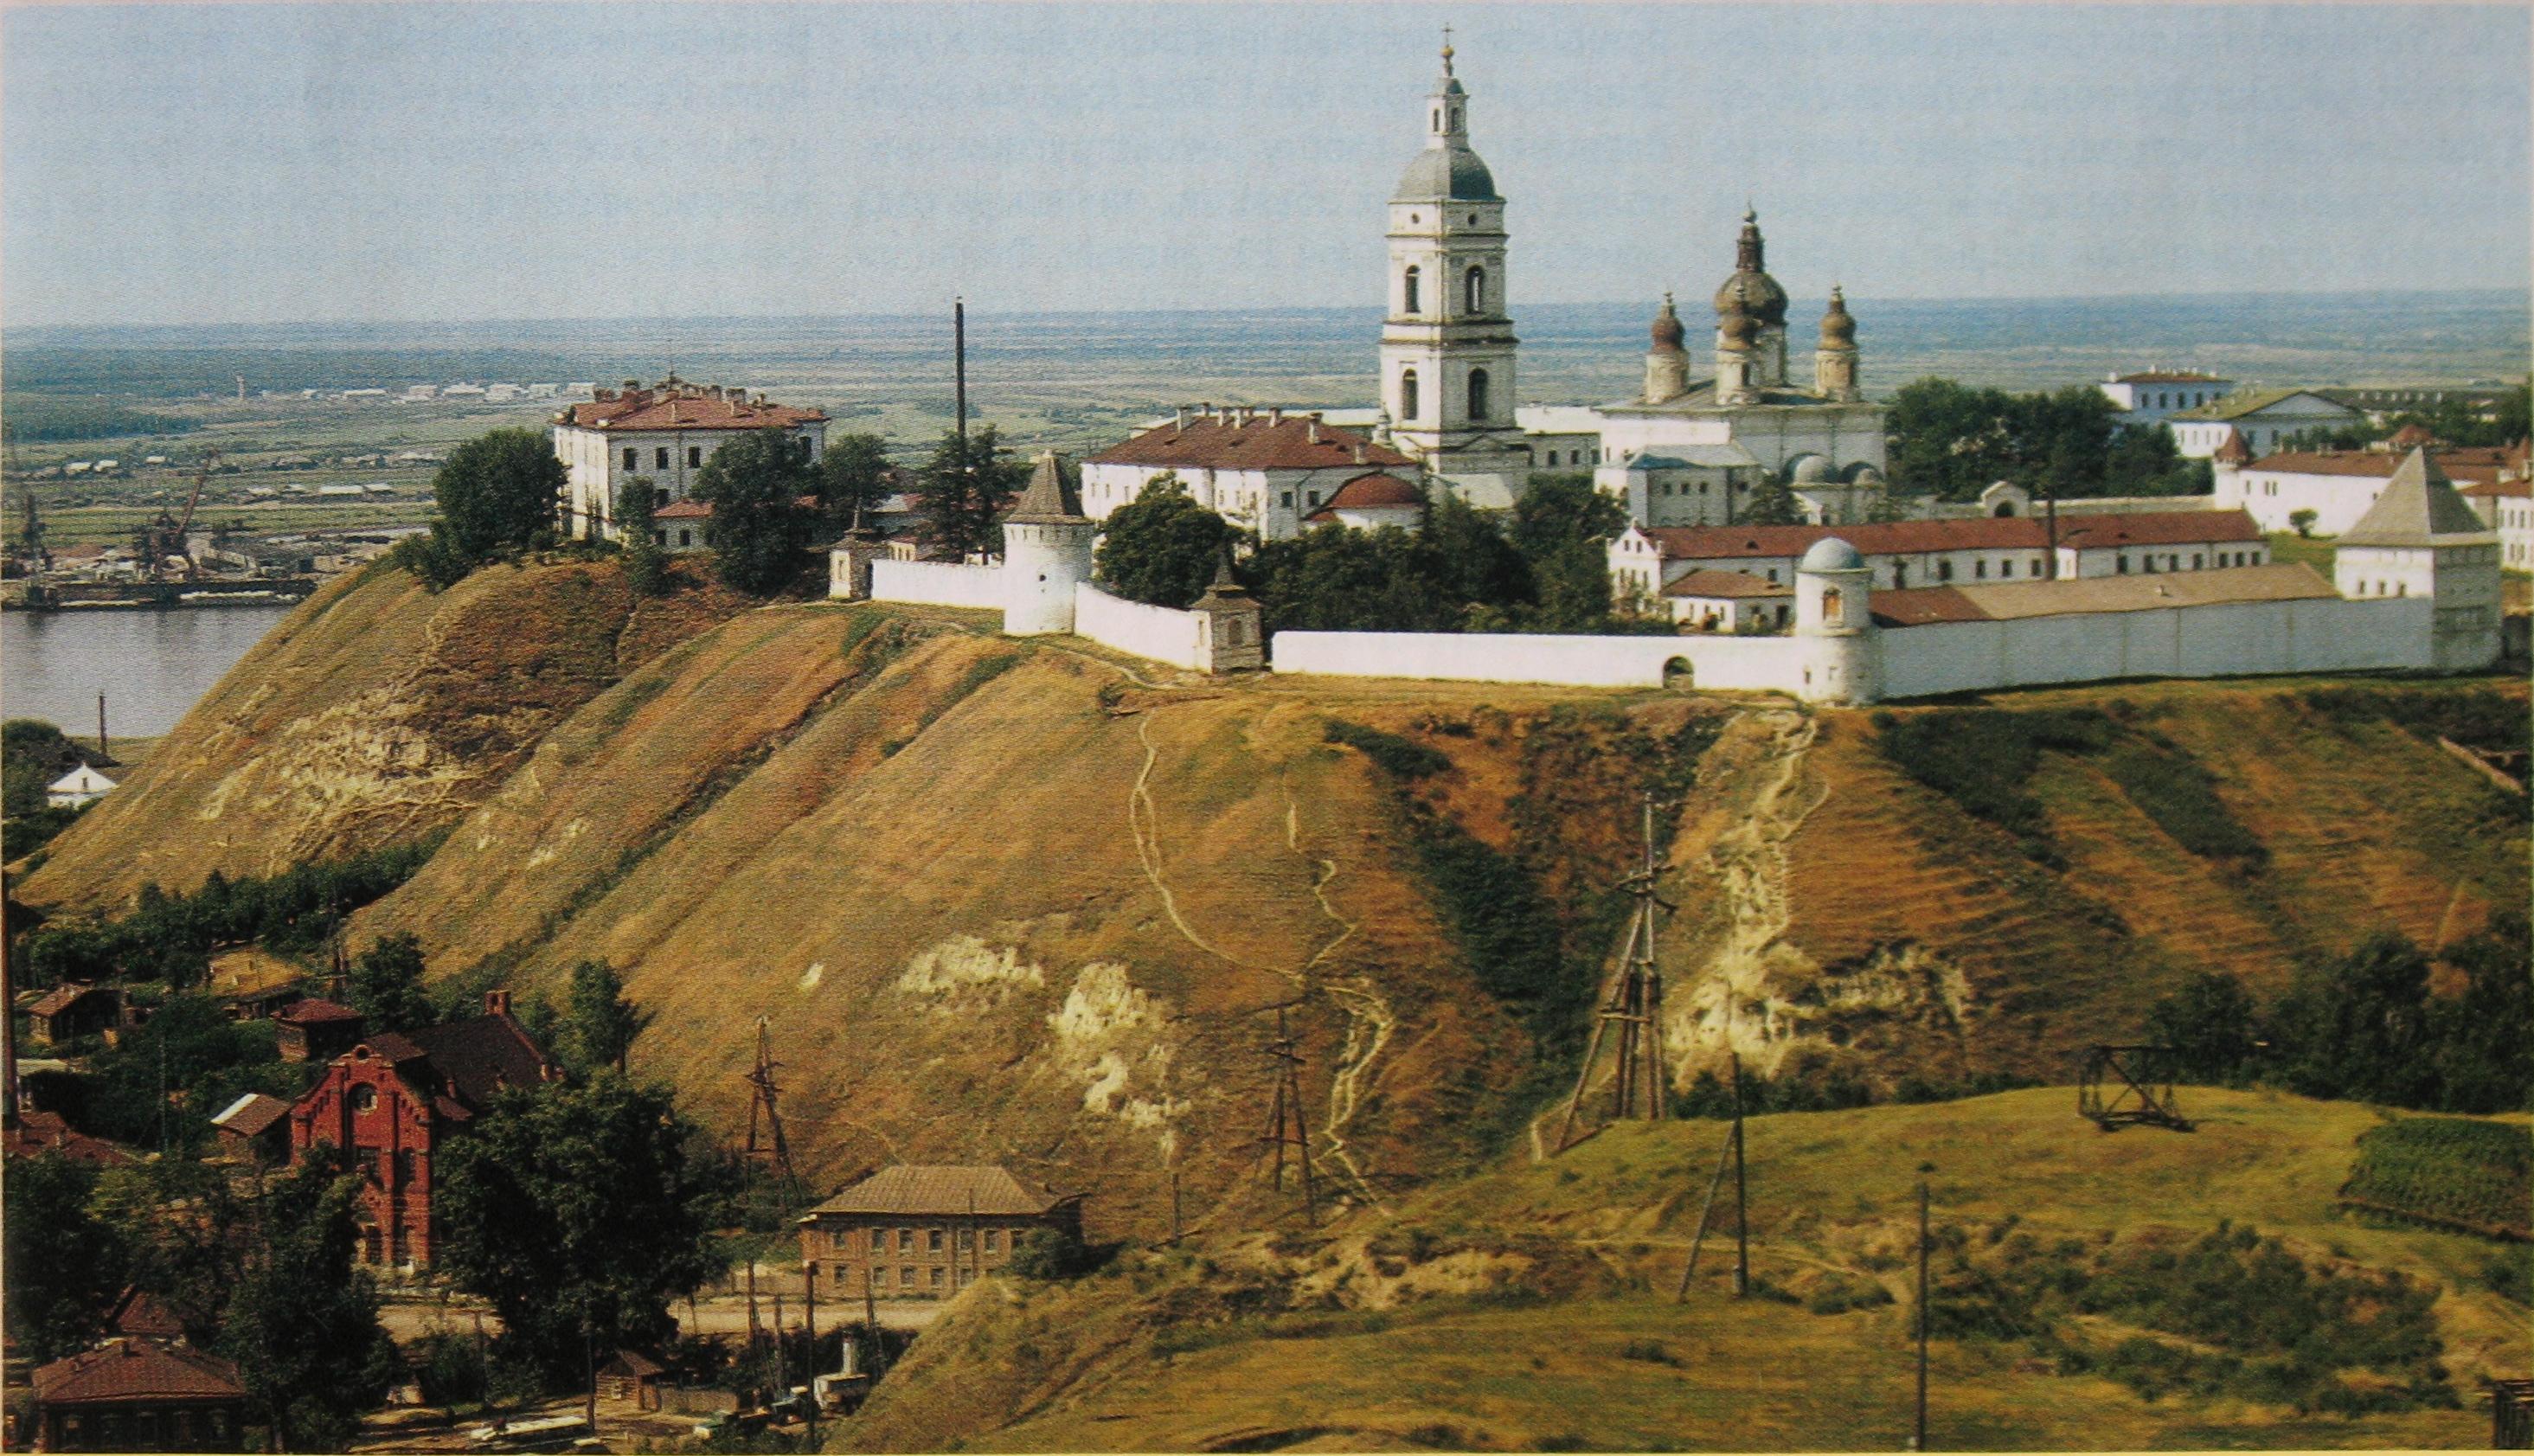 кремль тобольский фото